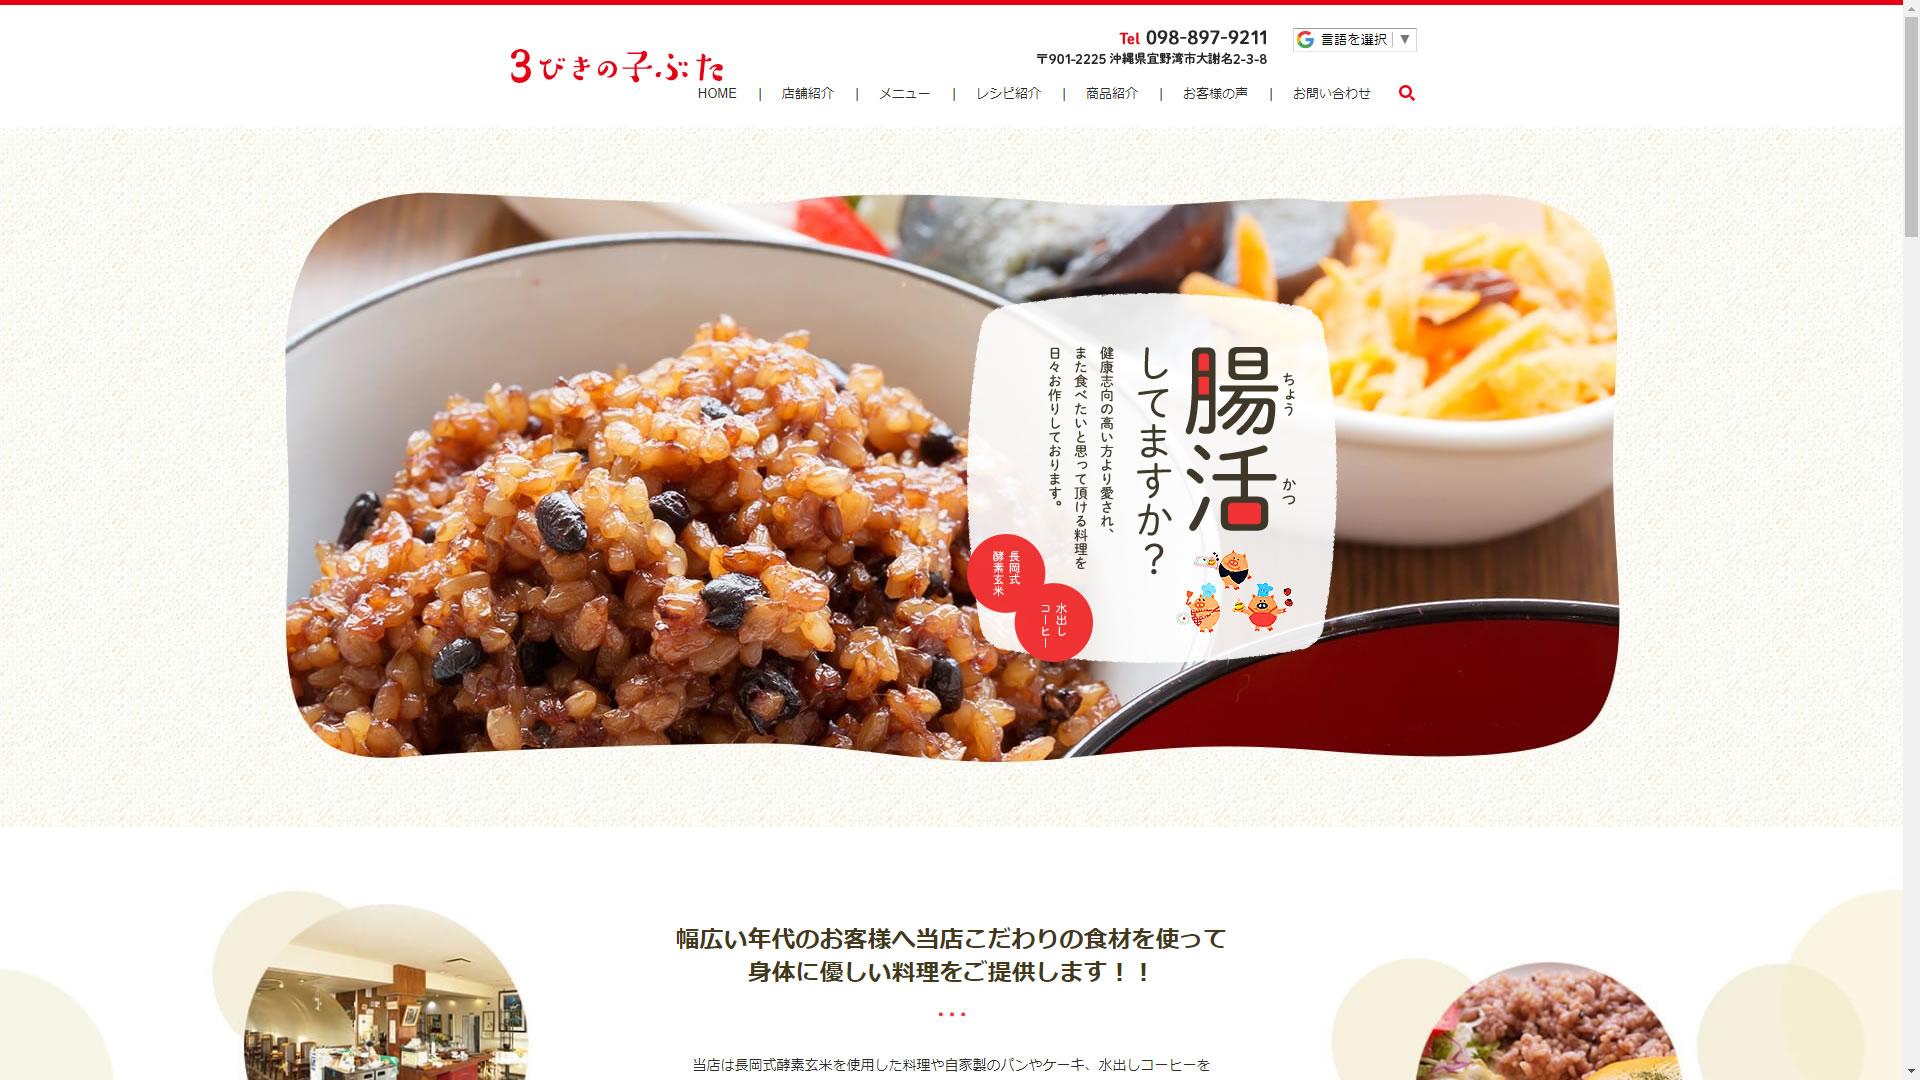 長岡式酵素玄米を使用した料理や自家製のパンのお店|3びきの子ぶた